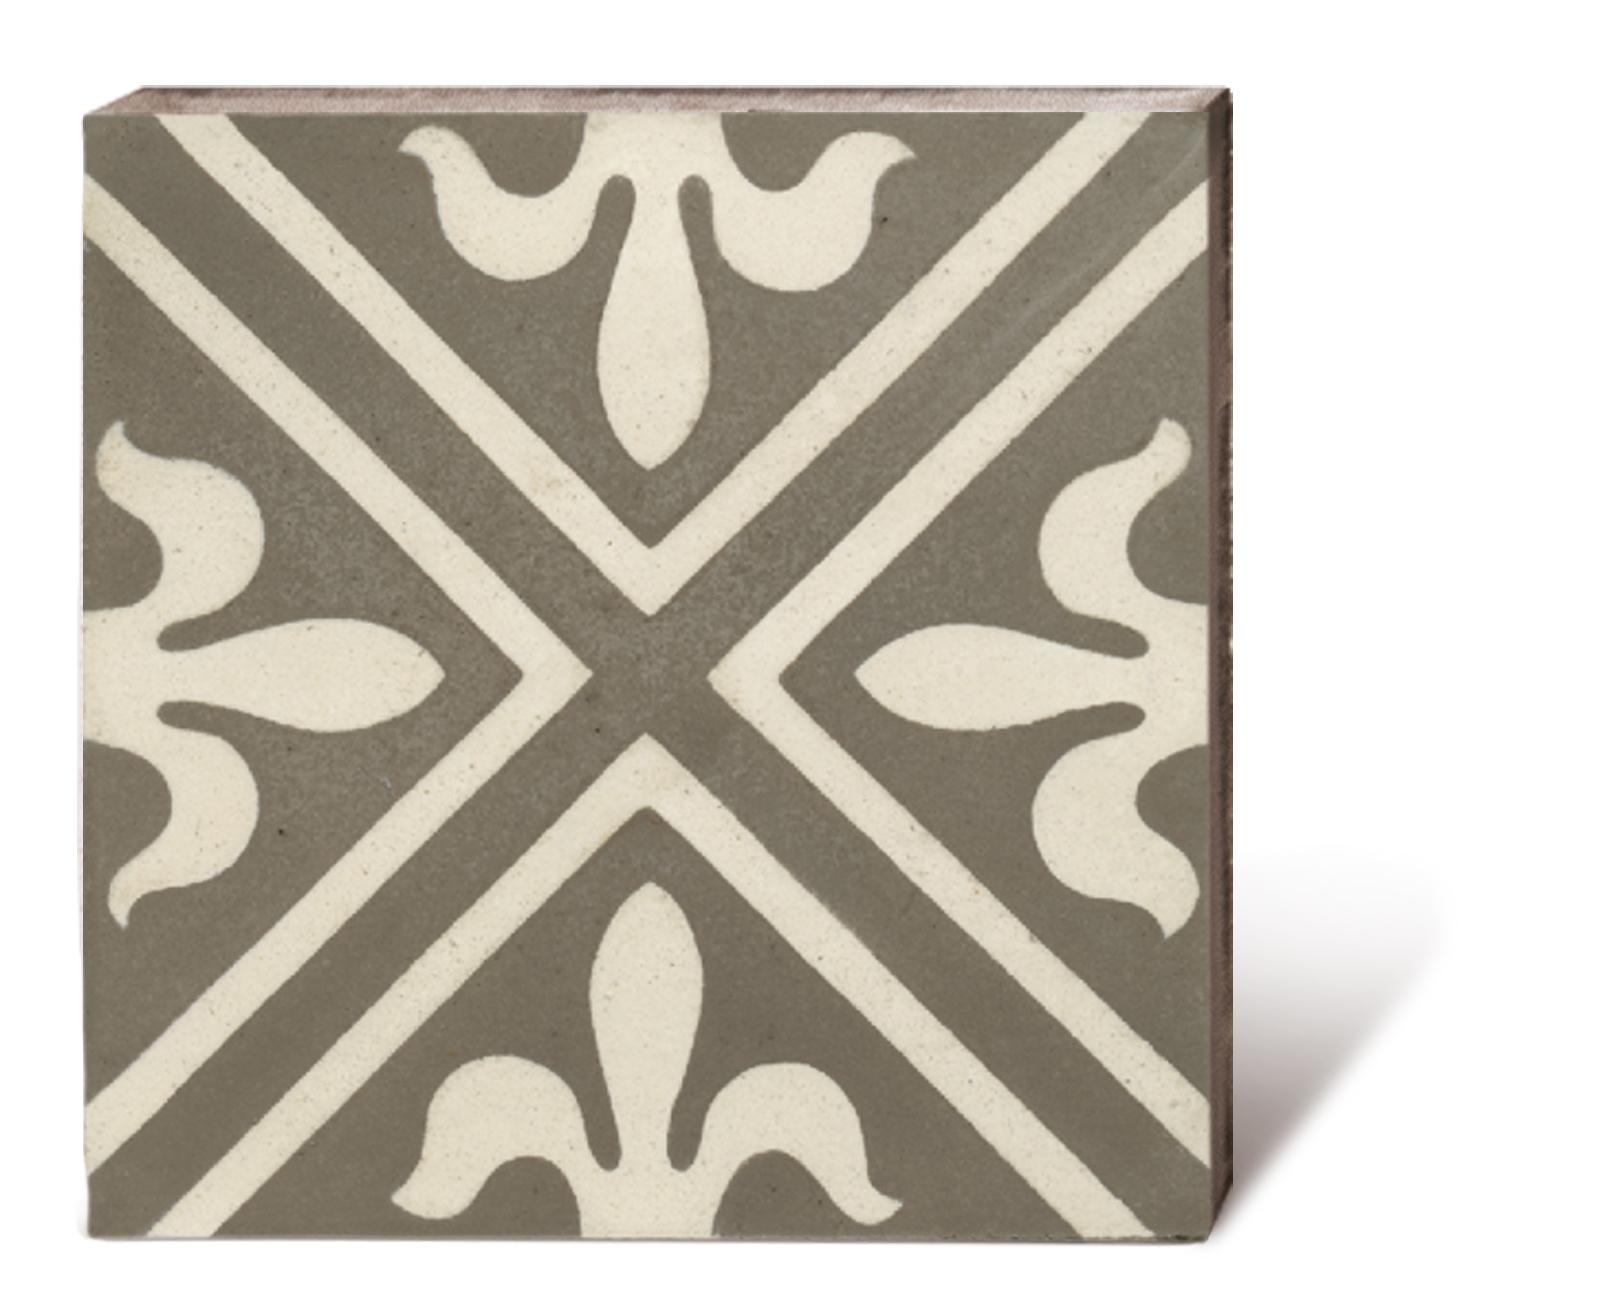 zementmosaikplatten-nr.51084-viaplatten